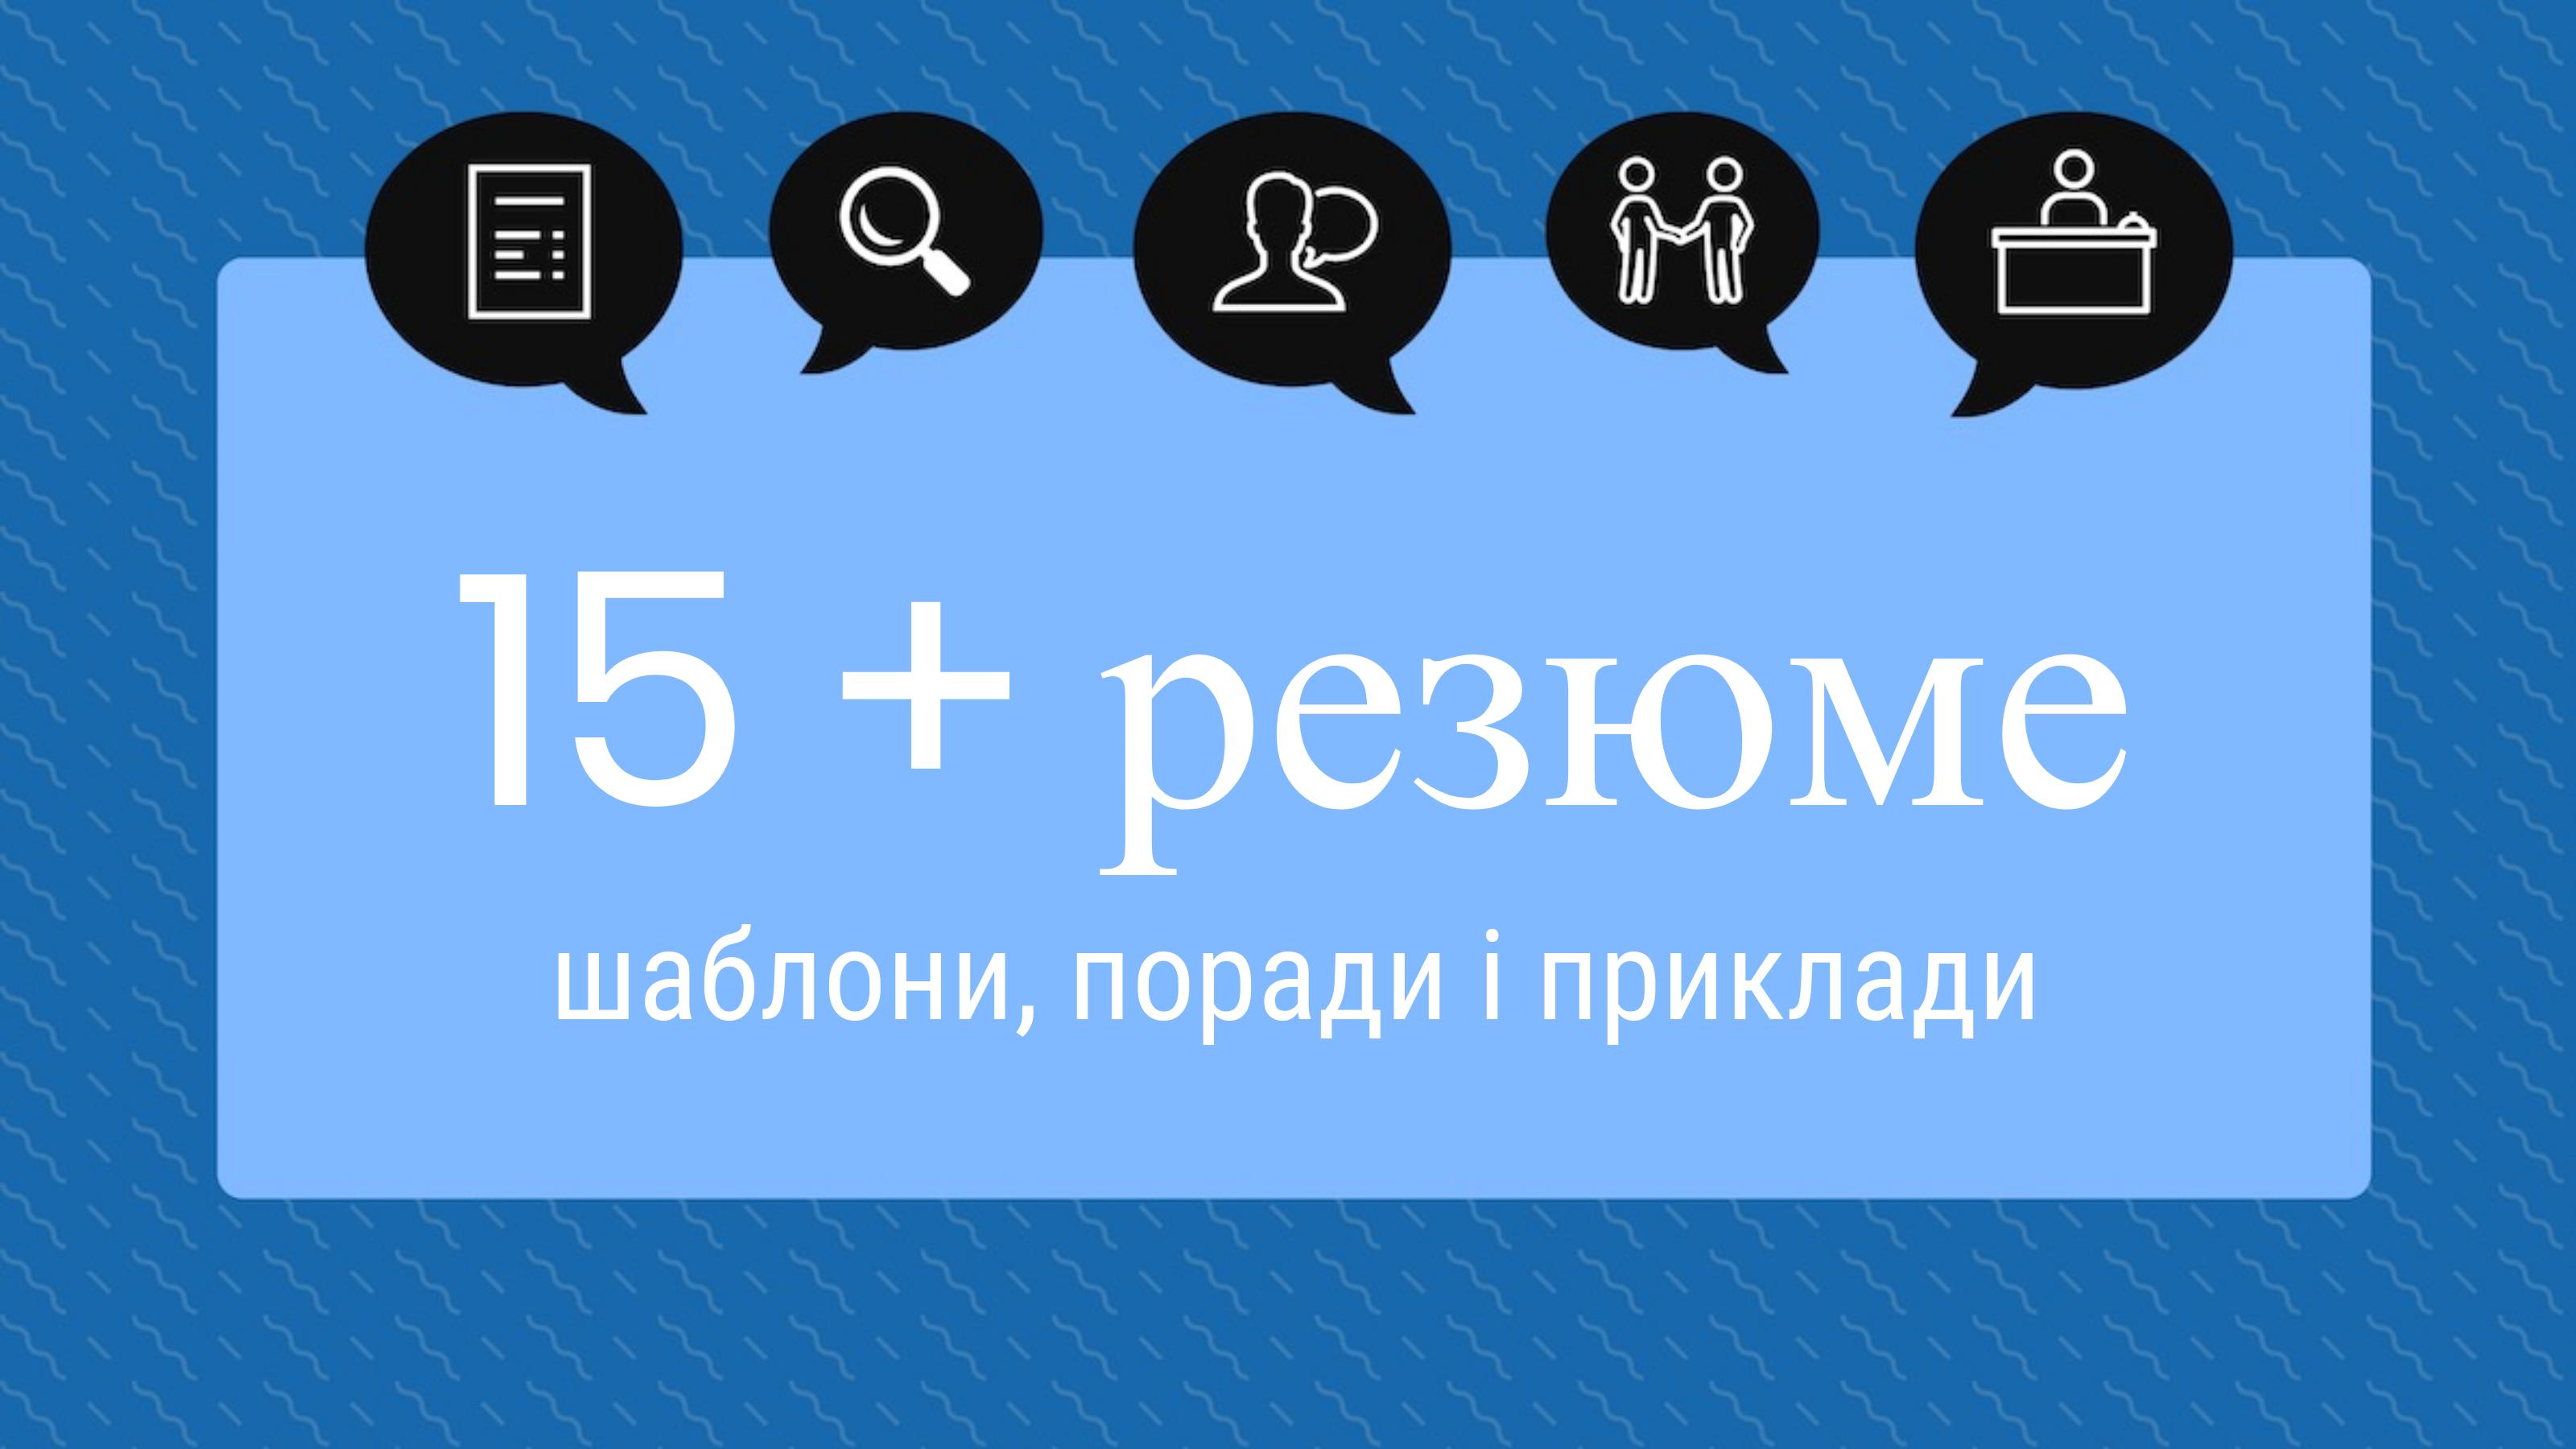 15+ порад, як поліпшити дизайн резюме, шаблони та приклади